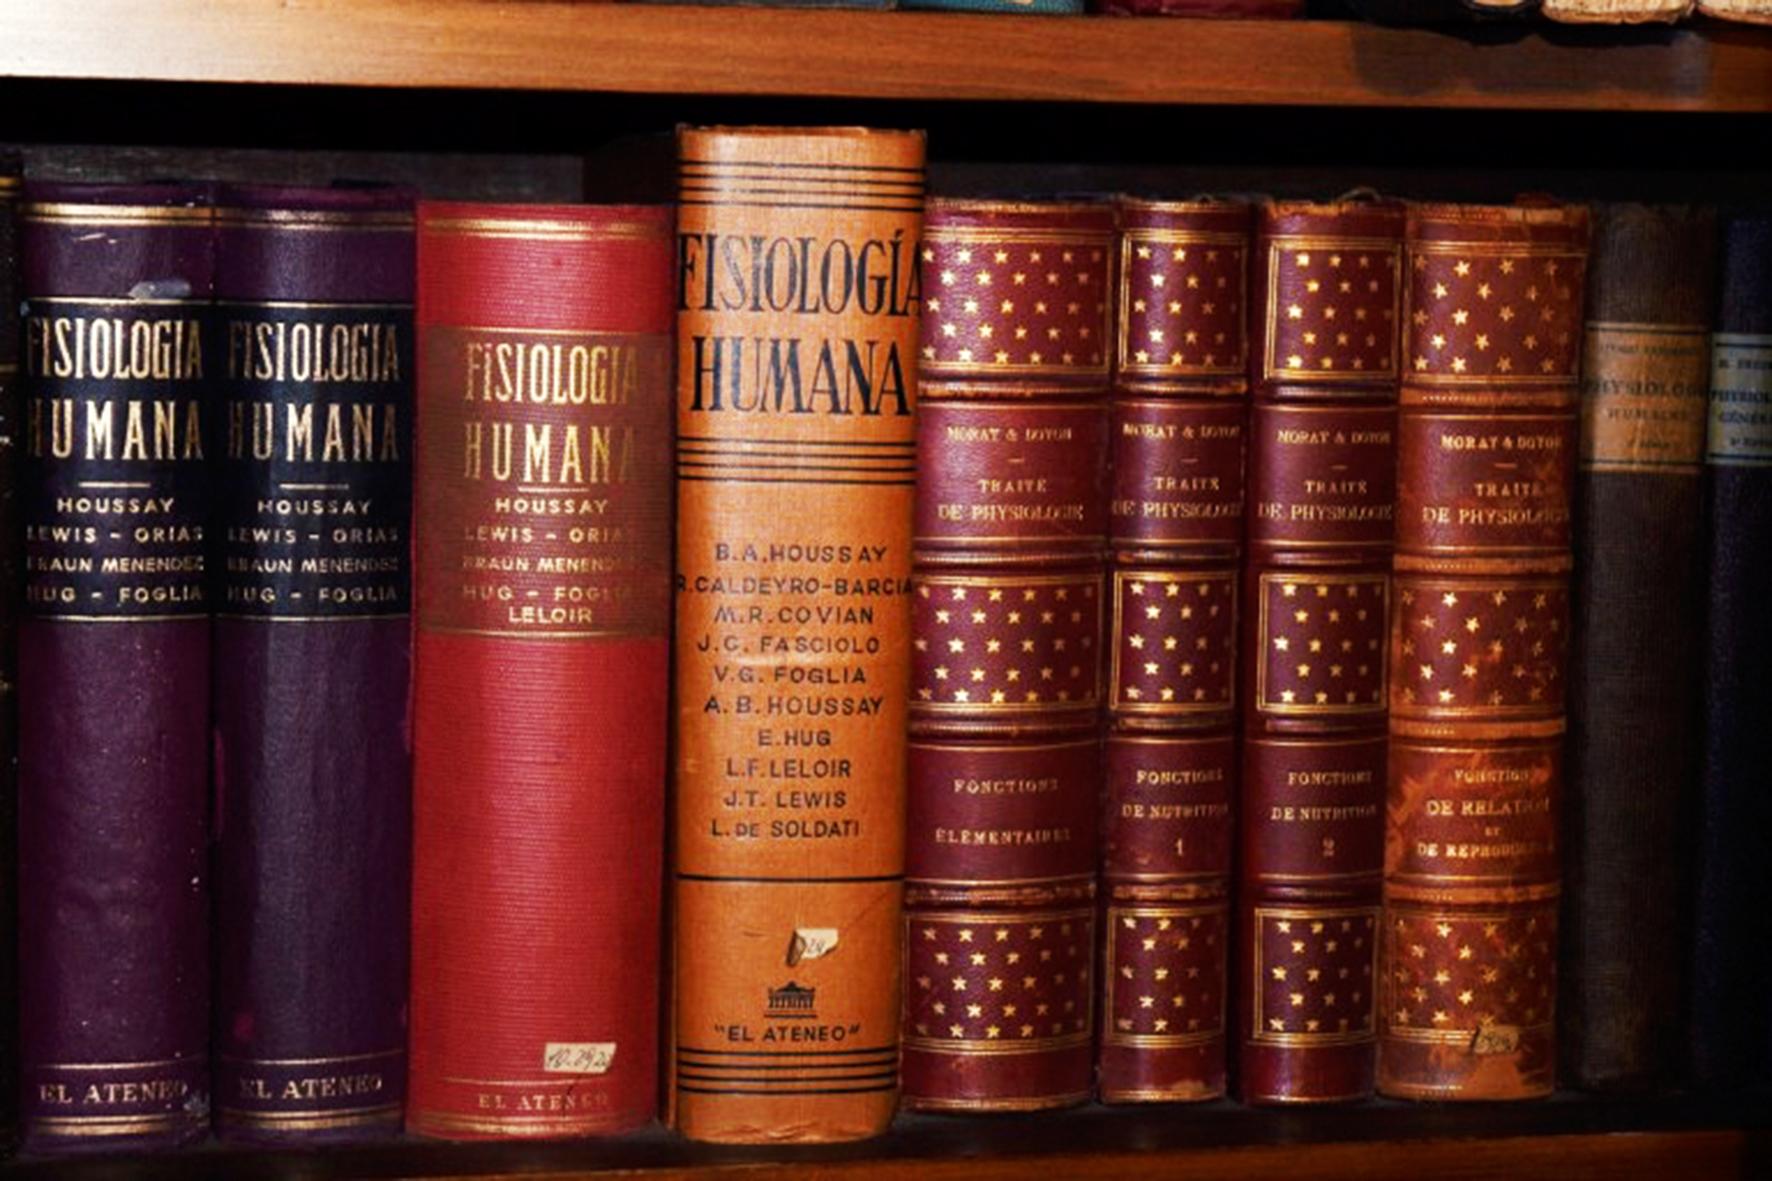 Distintas ediciones del libro Fisiología Humana